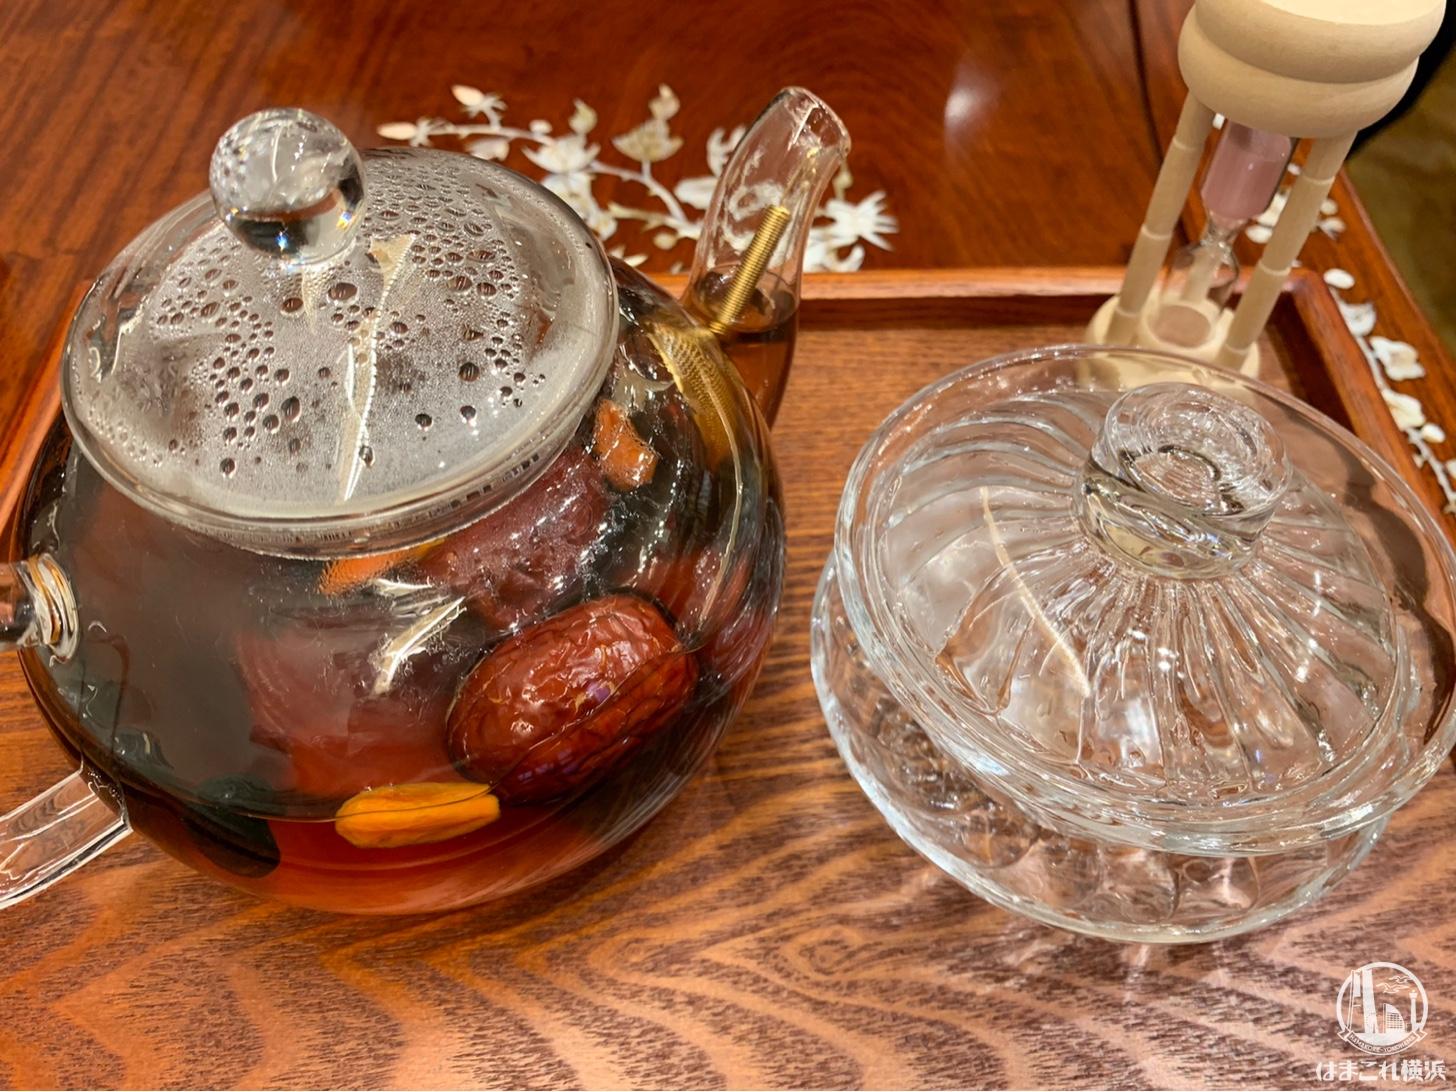 高麗人参・クコの実・なつめ・黒豆・山芋・プーアール茶をブレンドした薬膳茶